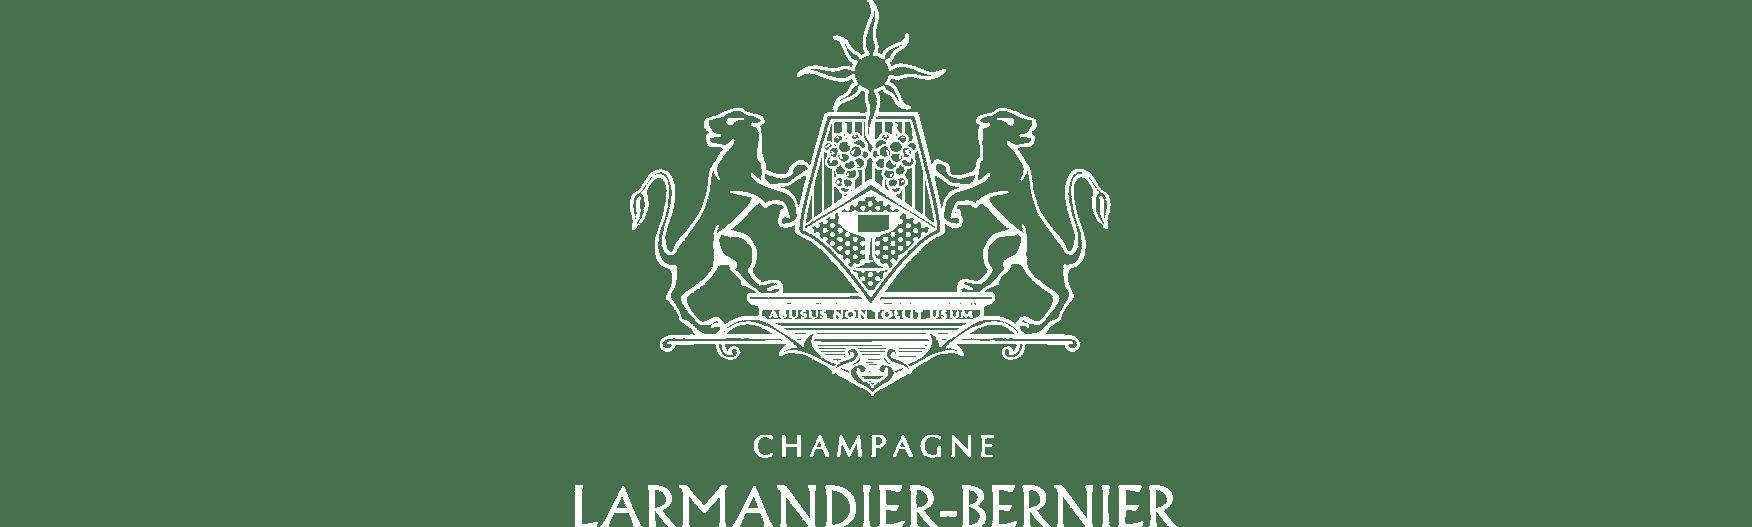 Larmendier Bernier